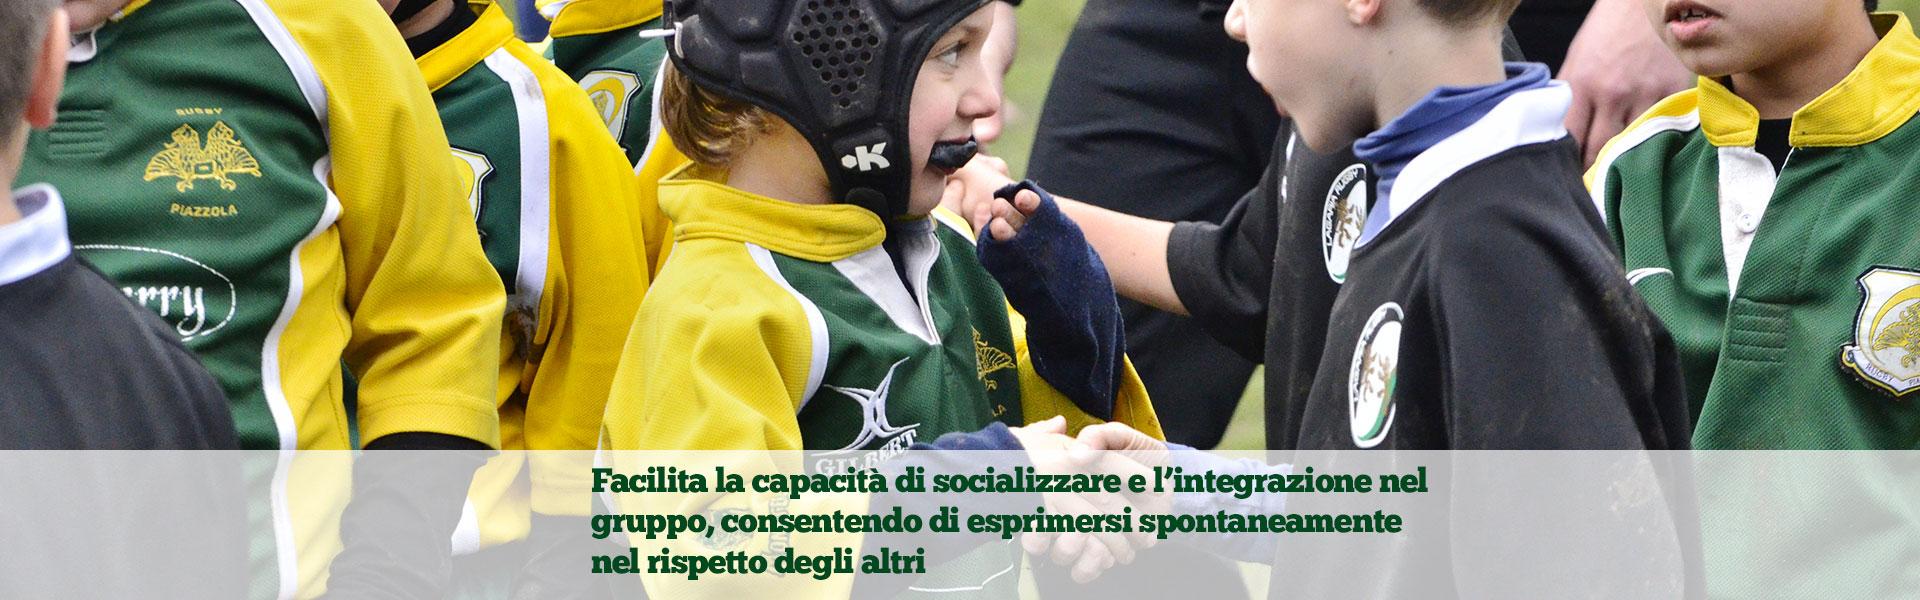 slideshow_rugbypiazzola_prova_2_3